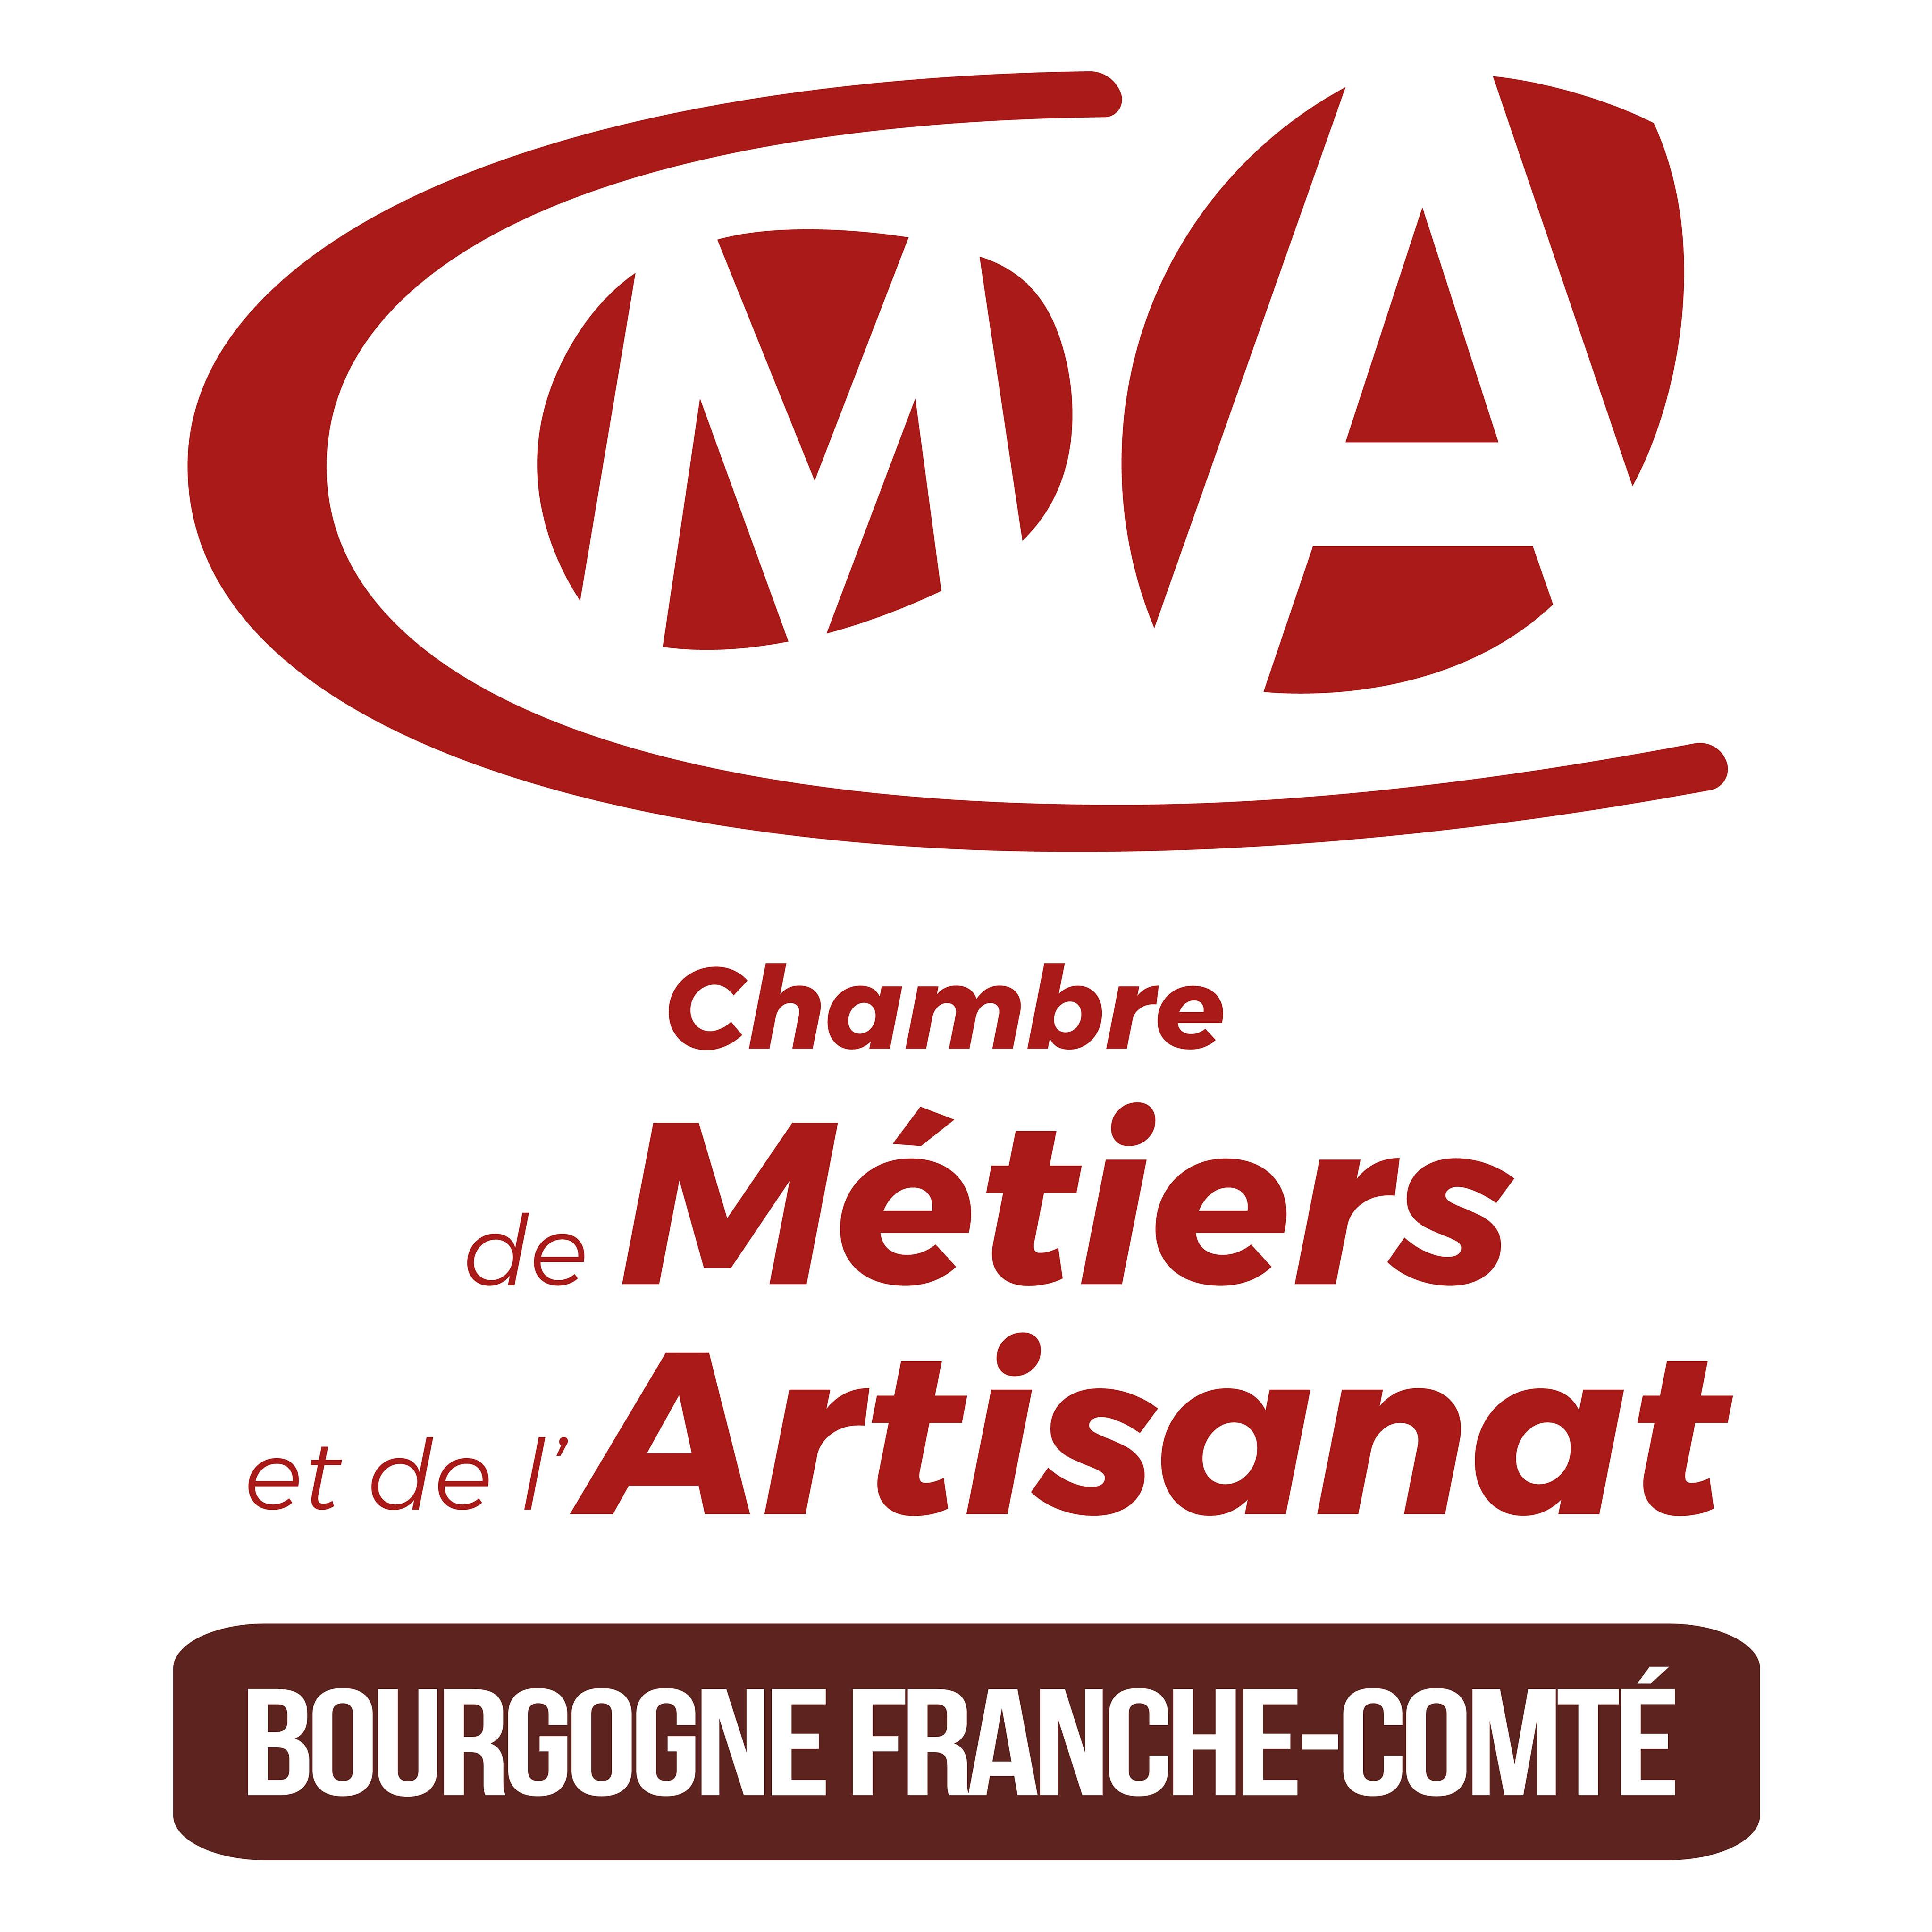 Chambre de Métiers et de l'Artisanat de Région Bourgogne Franche-Comté